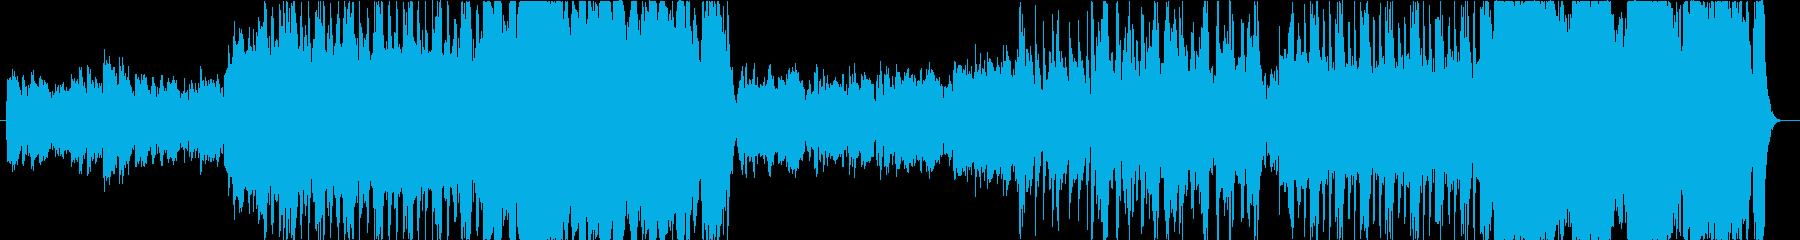 オーケストラ風の曲です。の再生済みの波形